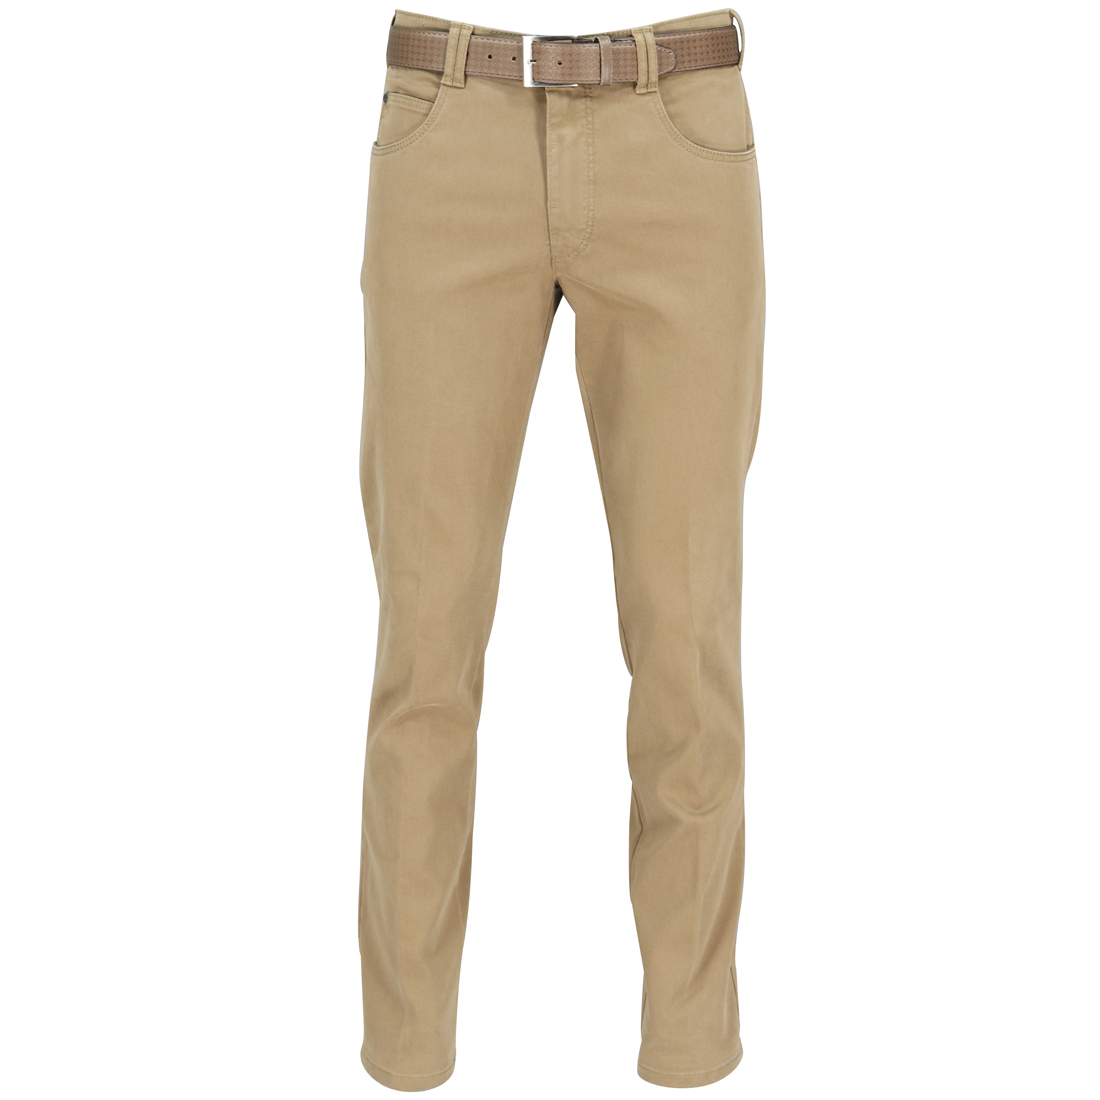 Meyer Hosen broek 3102351600 in het Camel